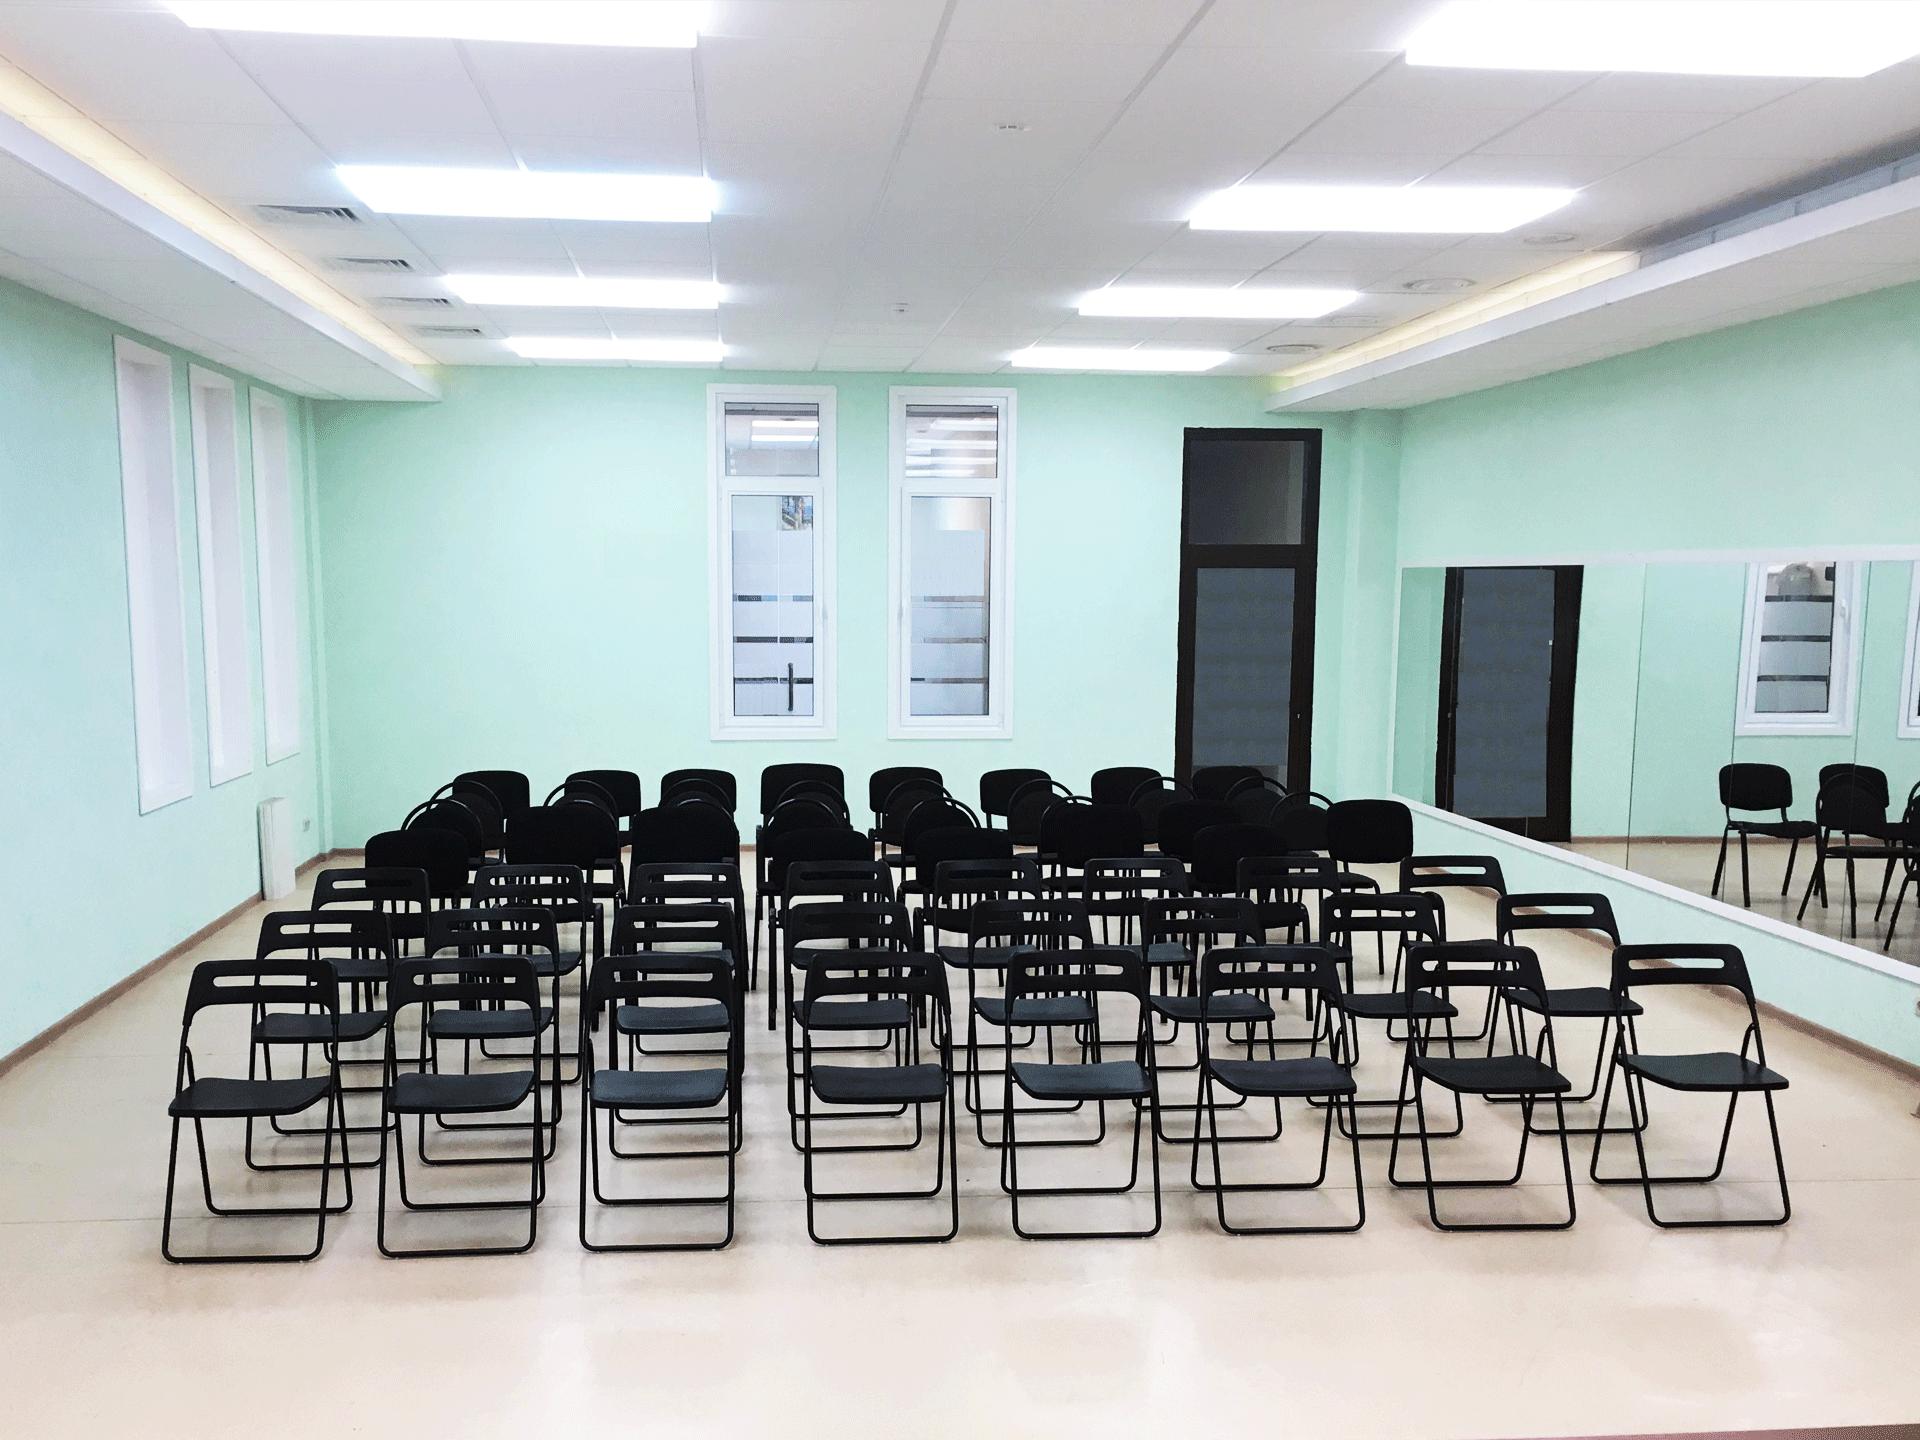 аренда зала в Новосибирске недорого